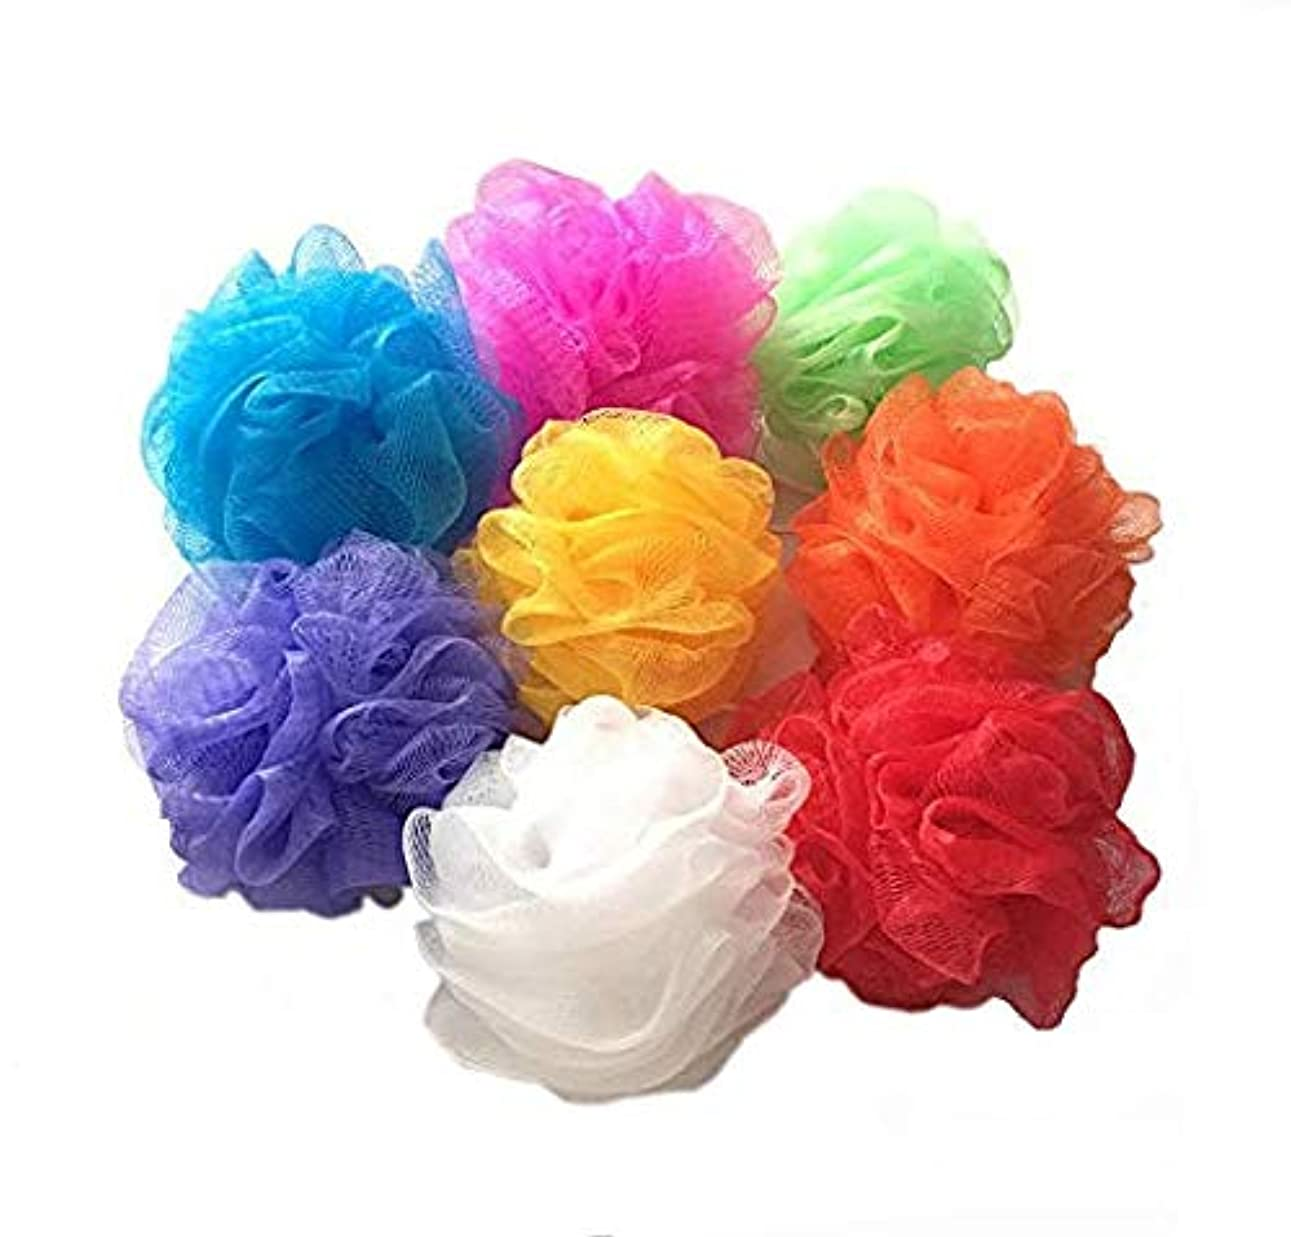 モスマーキング従者ボディスポンジ 泡立てネット 柔軟 シャワー用 ボディ用お風呂ボール 花形 タオル ネットバスボール 花ボディースポンジ 8 個入 (マルチカラー)